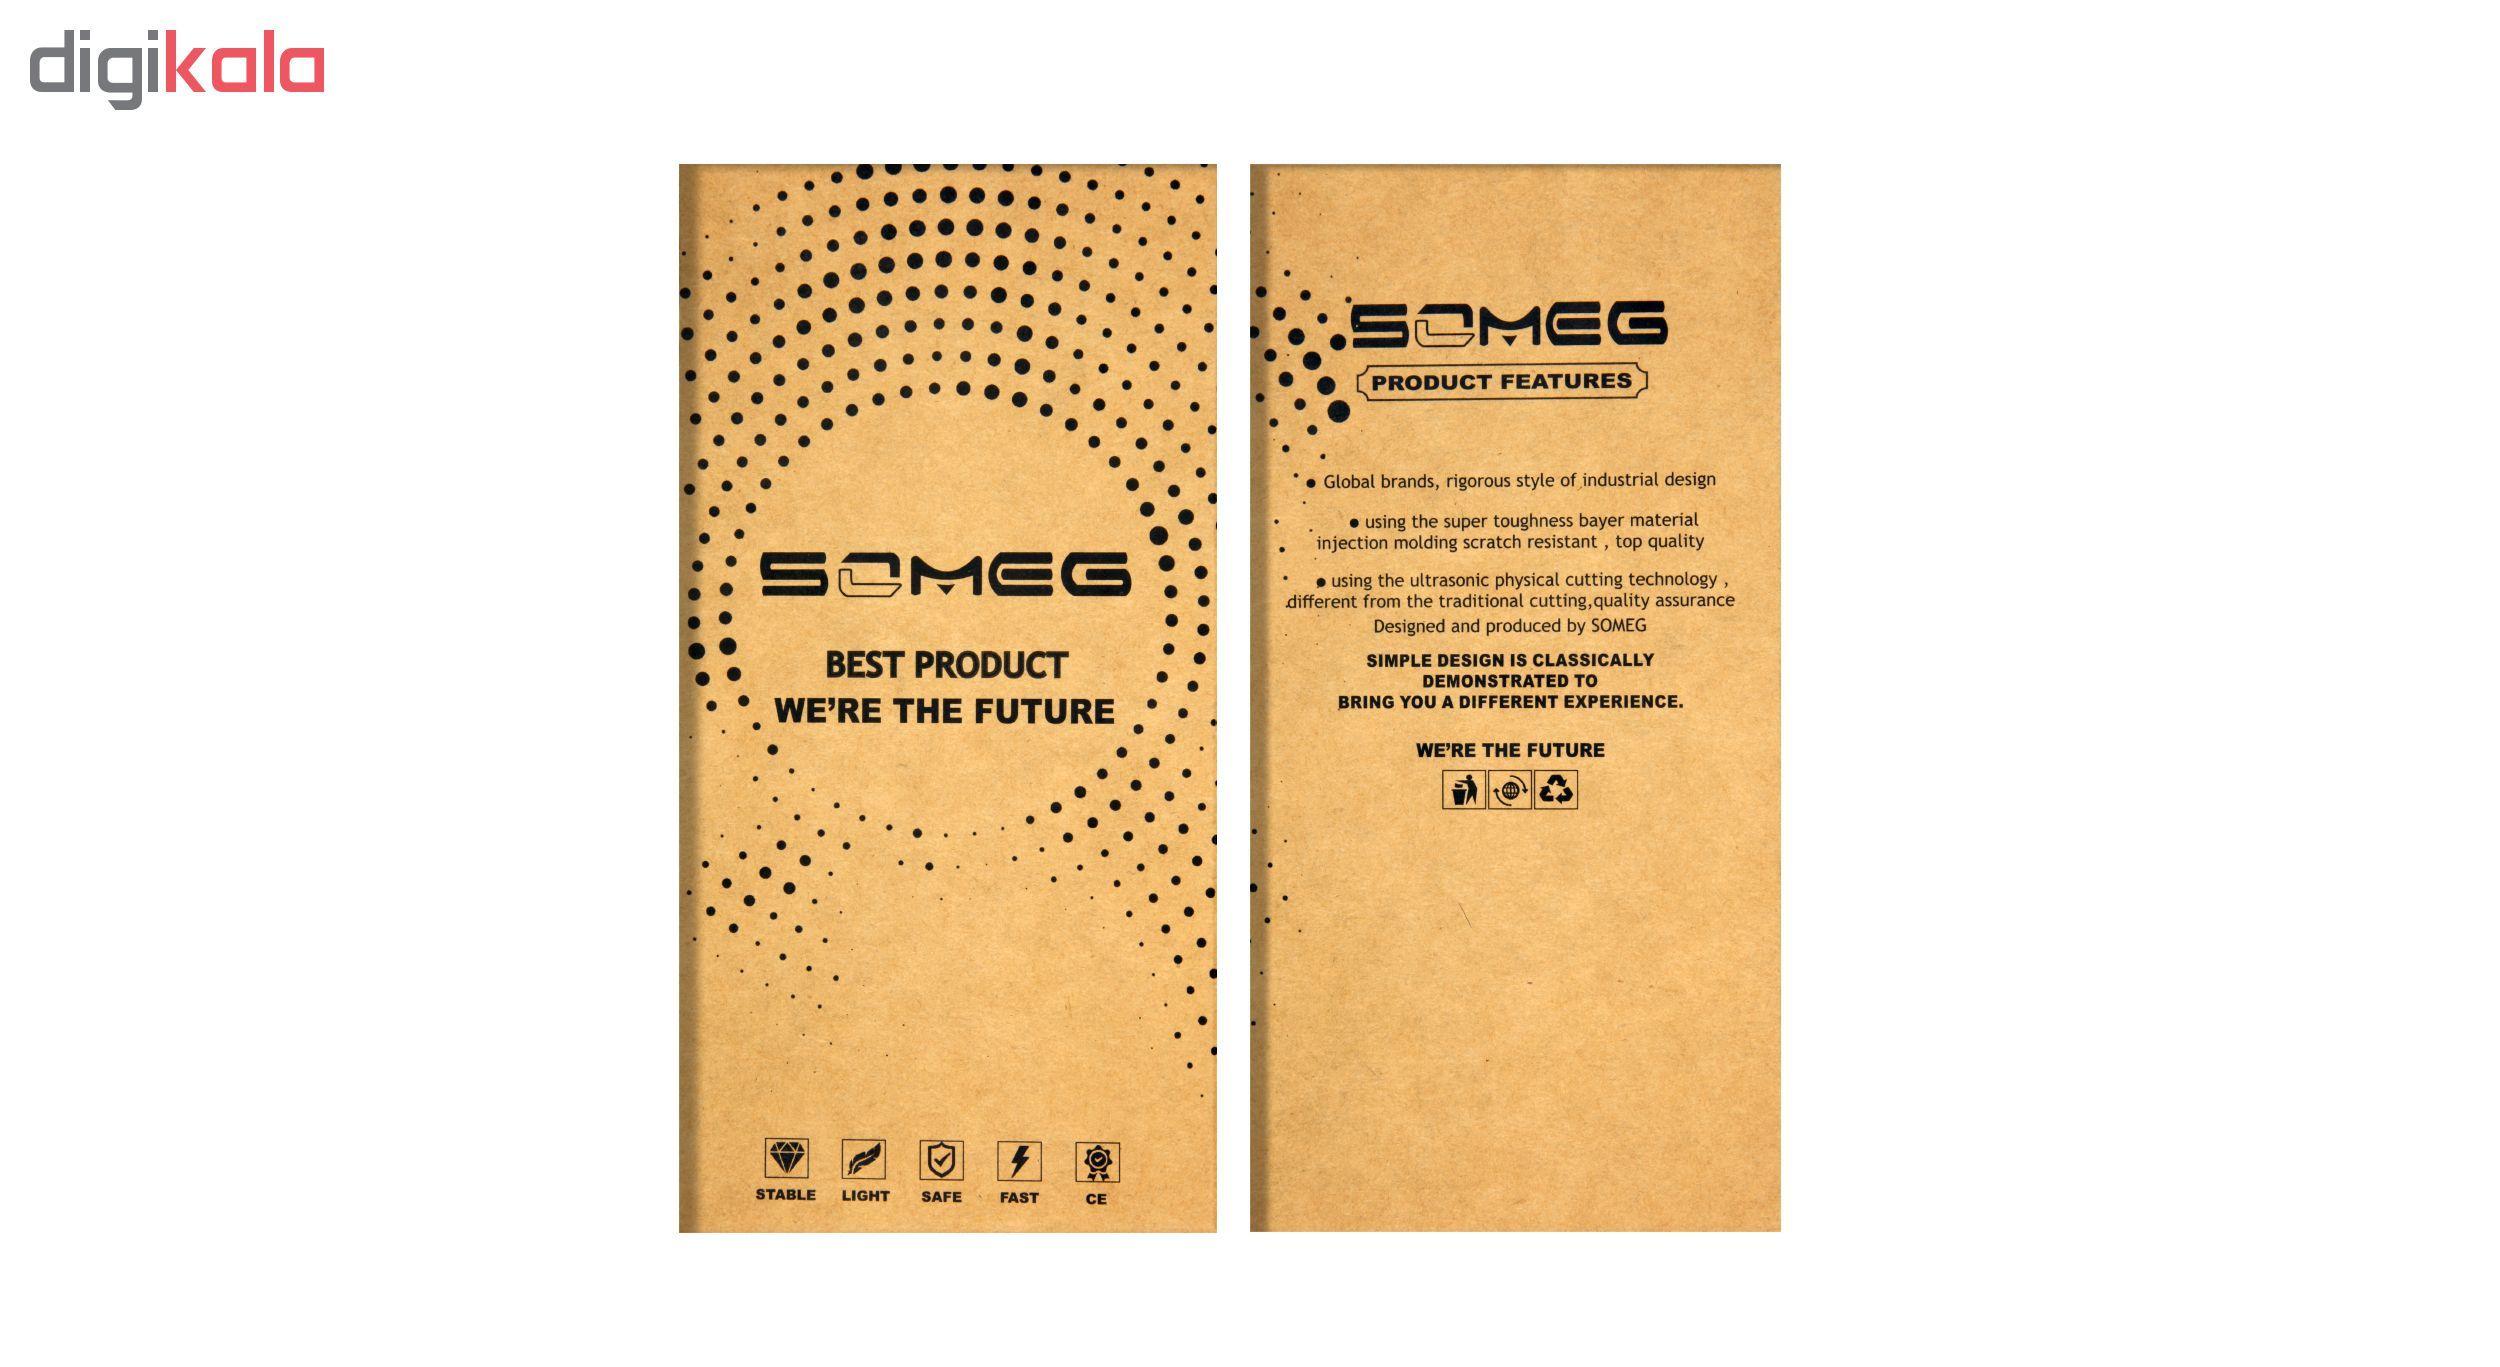 کاور سومگ مدل SC-i001 مناسب برای گوشی موبایل سامسونگ Galaxy A50 main 1 8